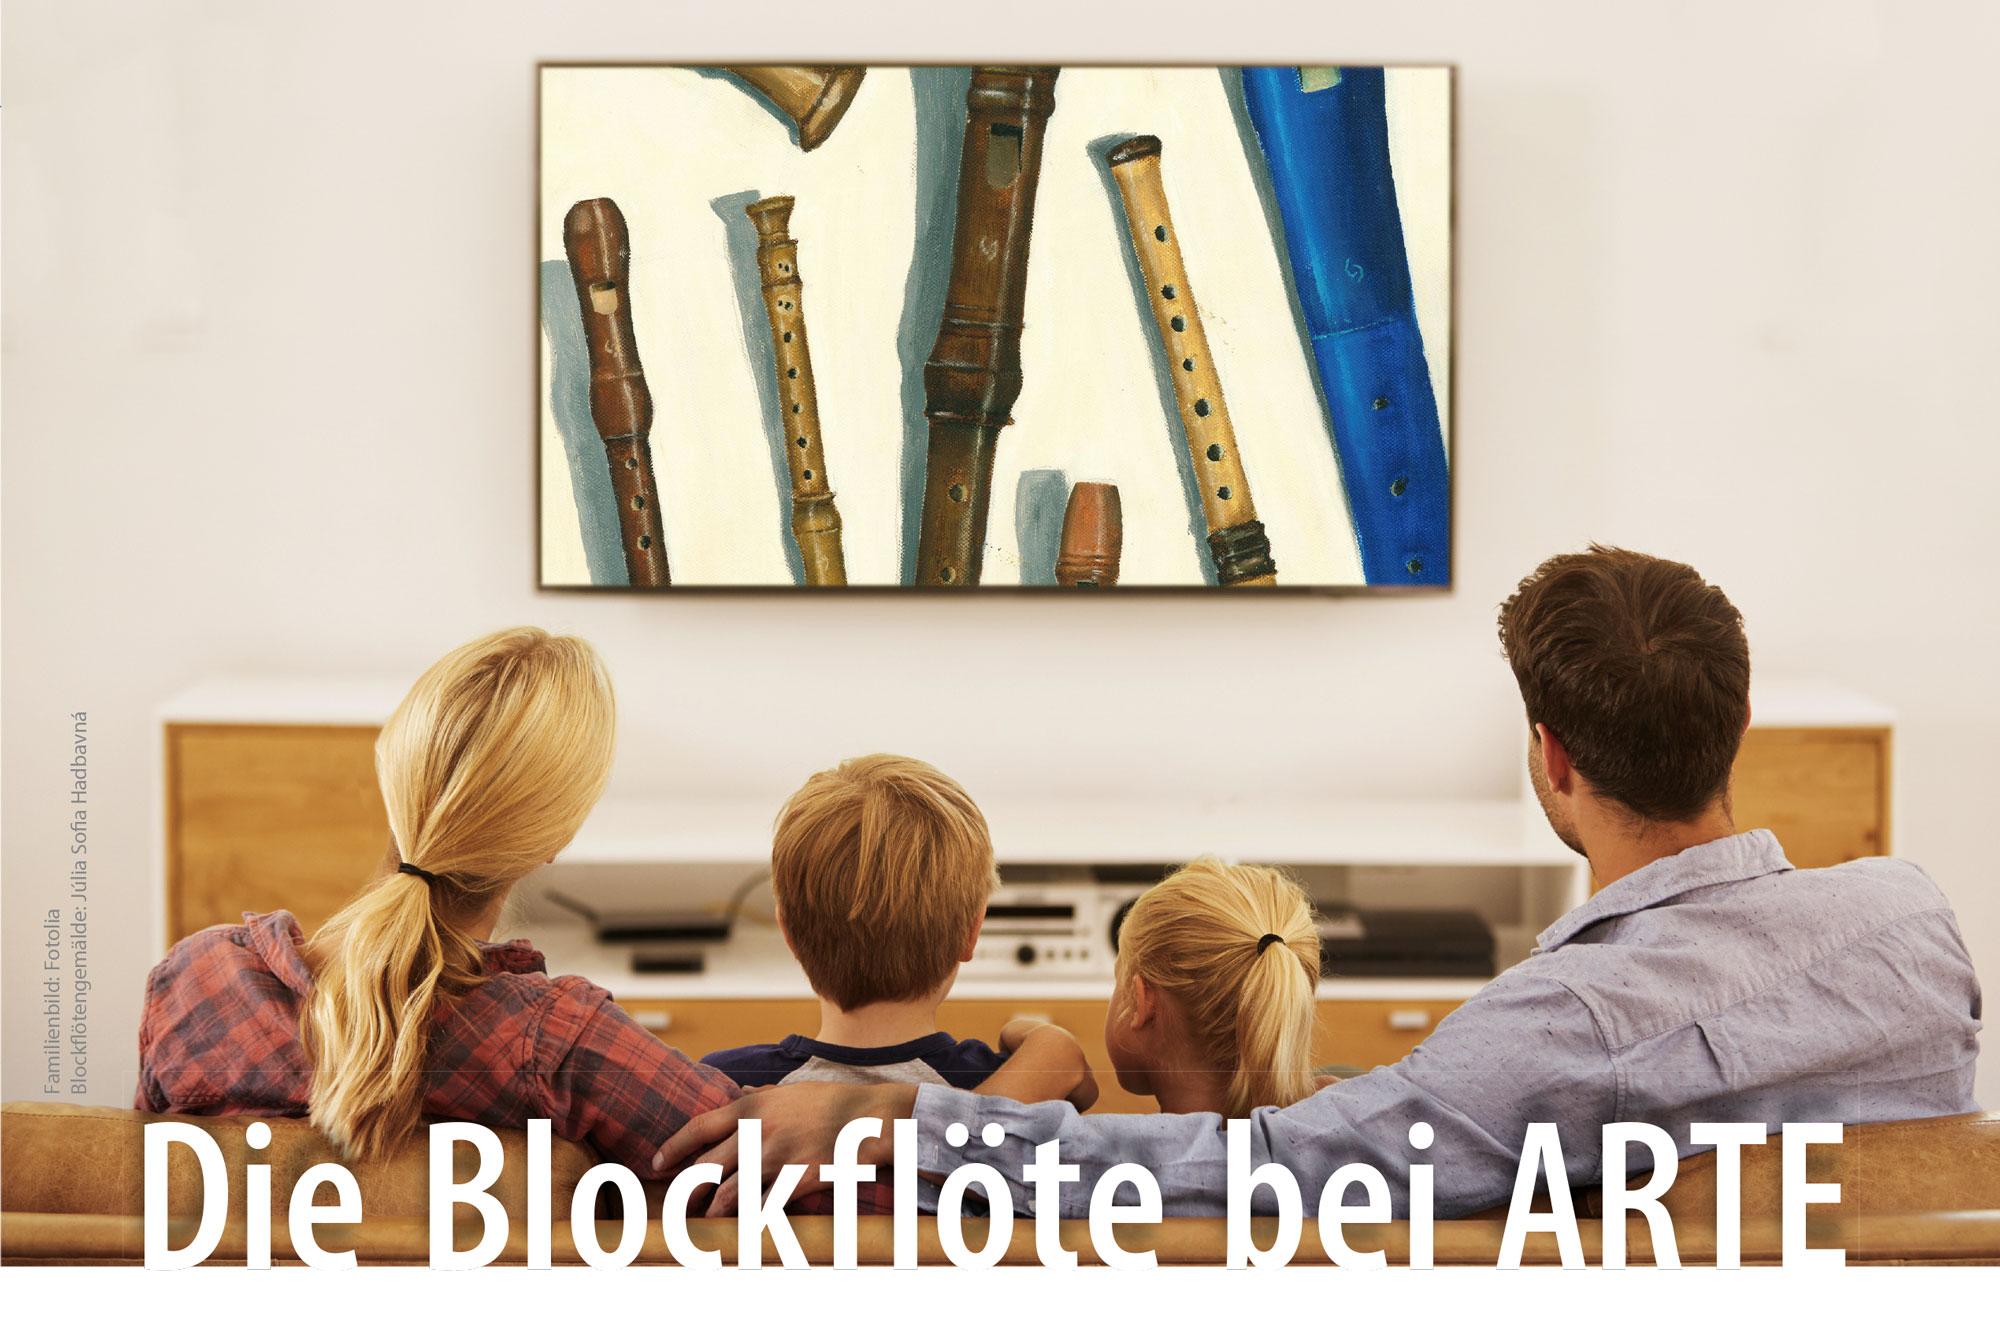 Die Blockflöte Bei Arte Fachkommentare Zu Einem Umstrittenen Film